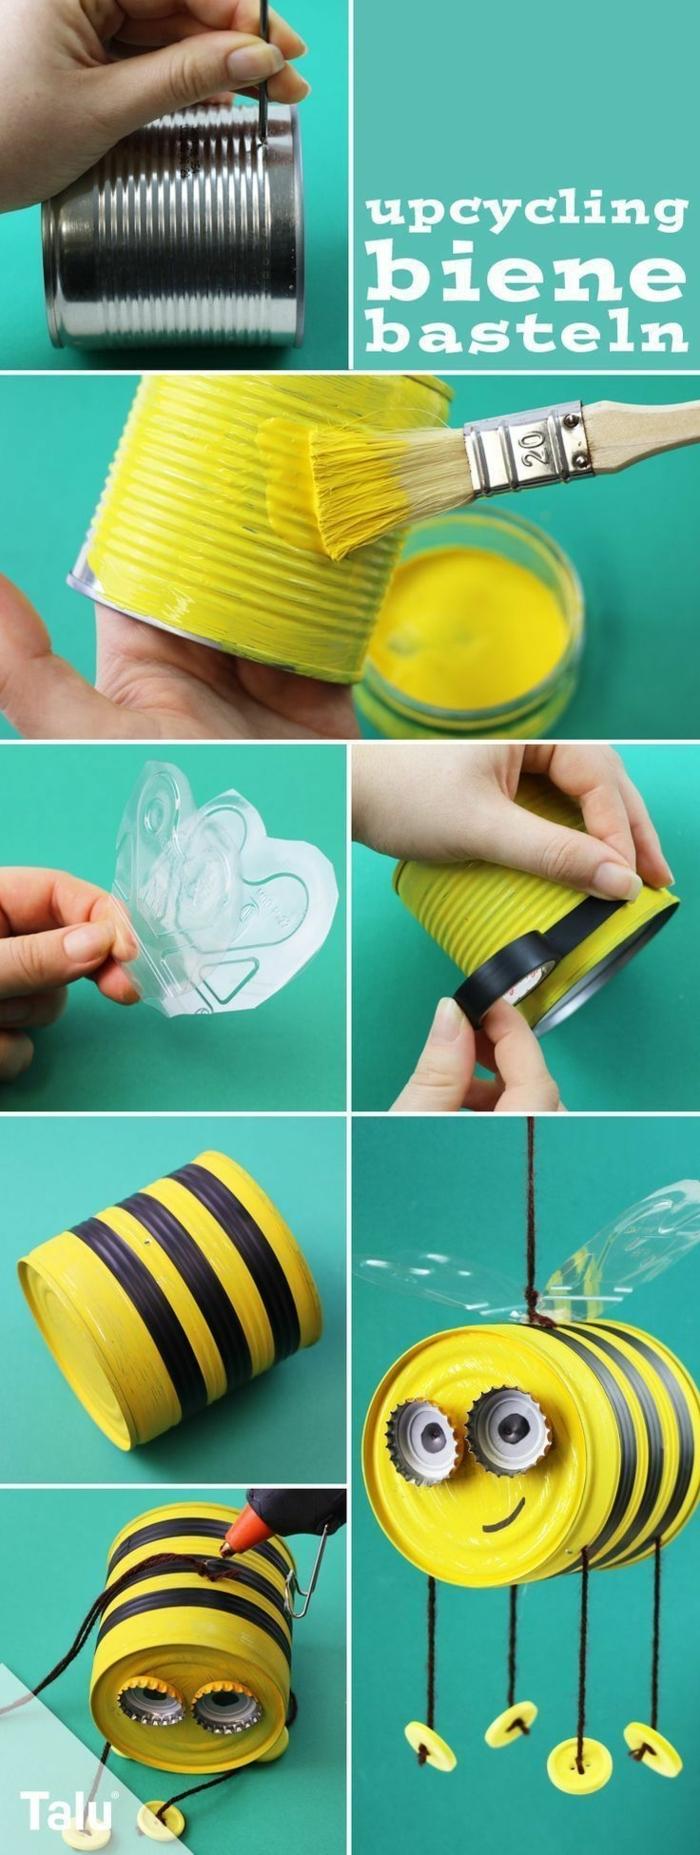 Gelbe Biene aus alte Blechdose basteln, Anweisung zum Selbermachen, Upcycling Projekte mit Kindern